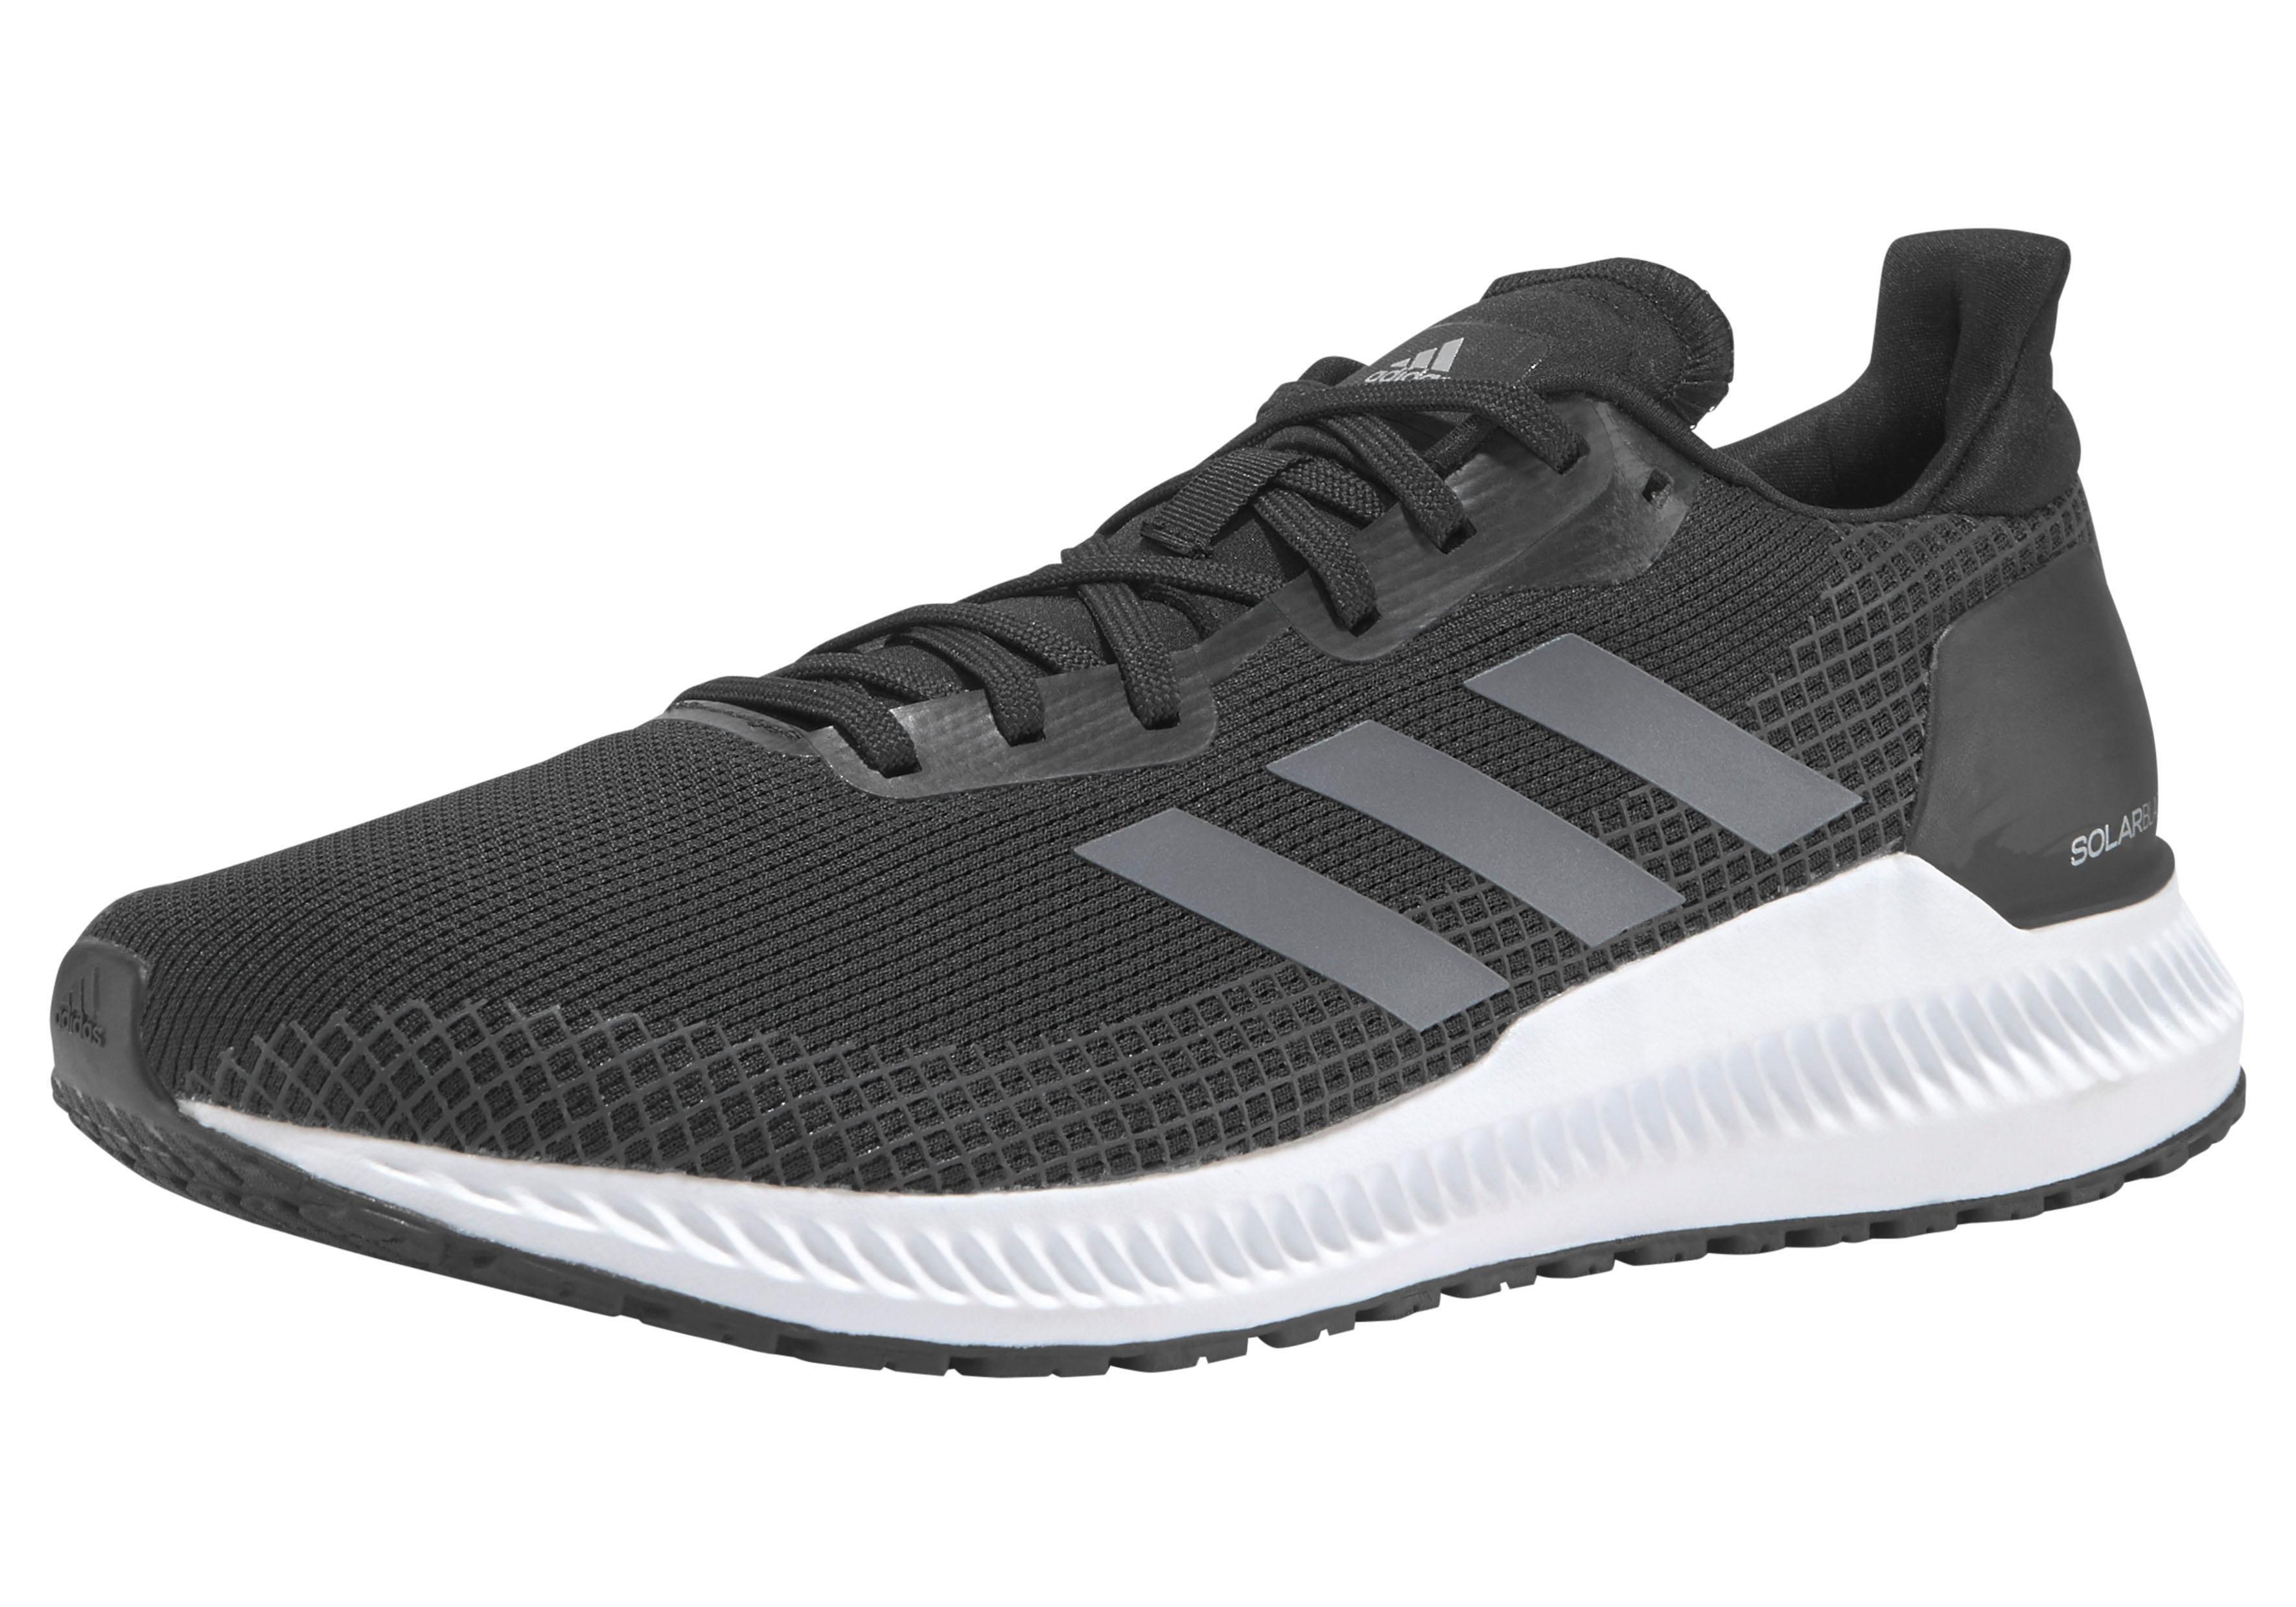 adidas Performance runningschoenen »SOLAR BLAZE M« goedkoop op otto.nl kopen